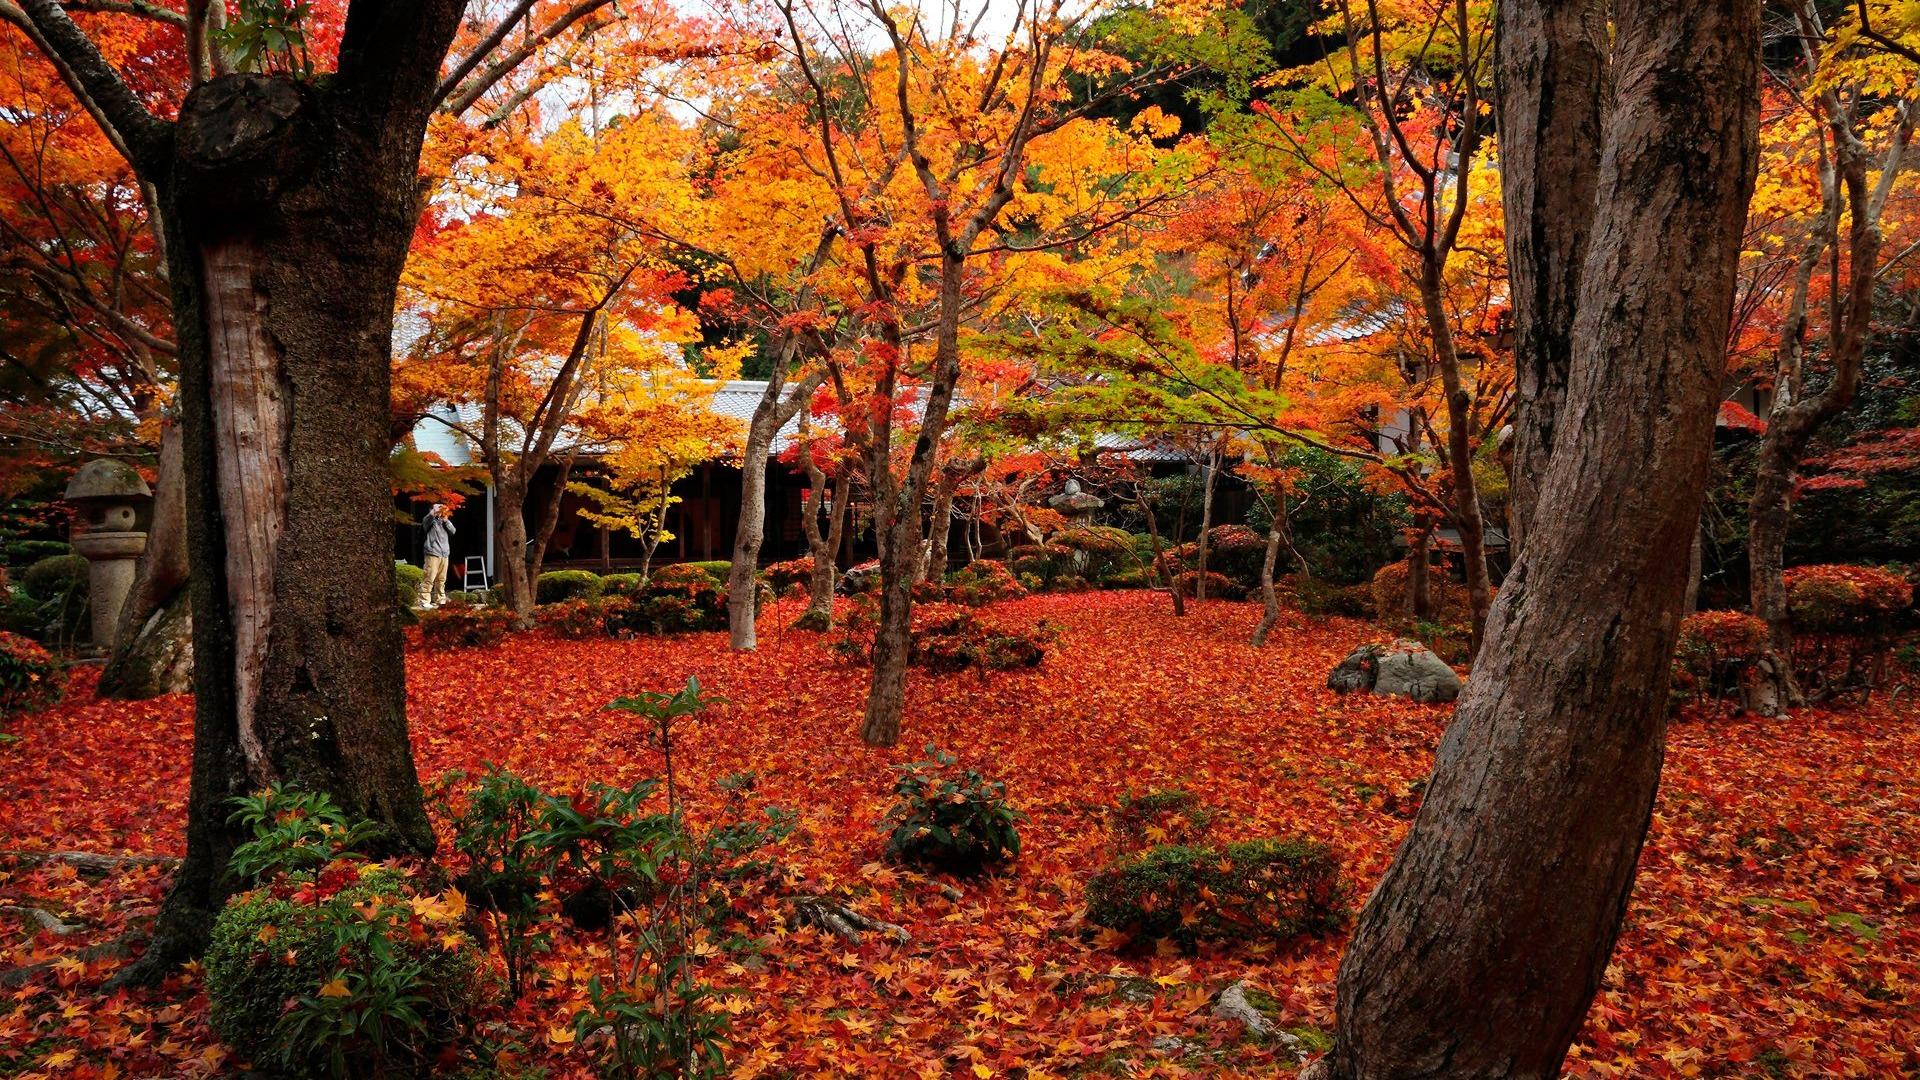 Autumn maple-Enkoji Temple Autumn wallpaper-1920x1080 ...